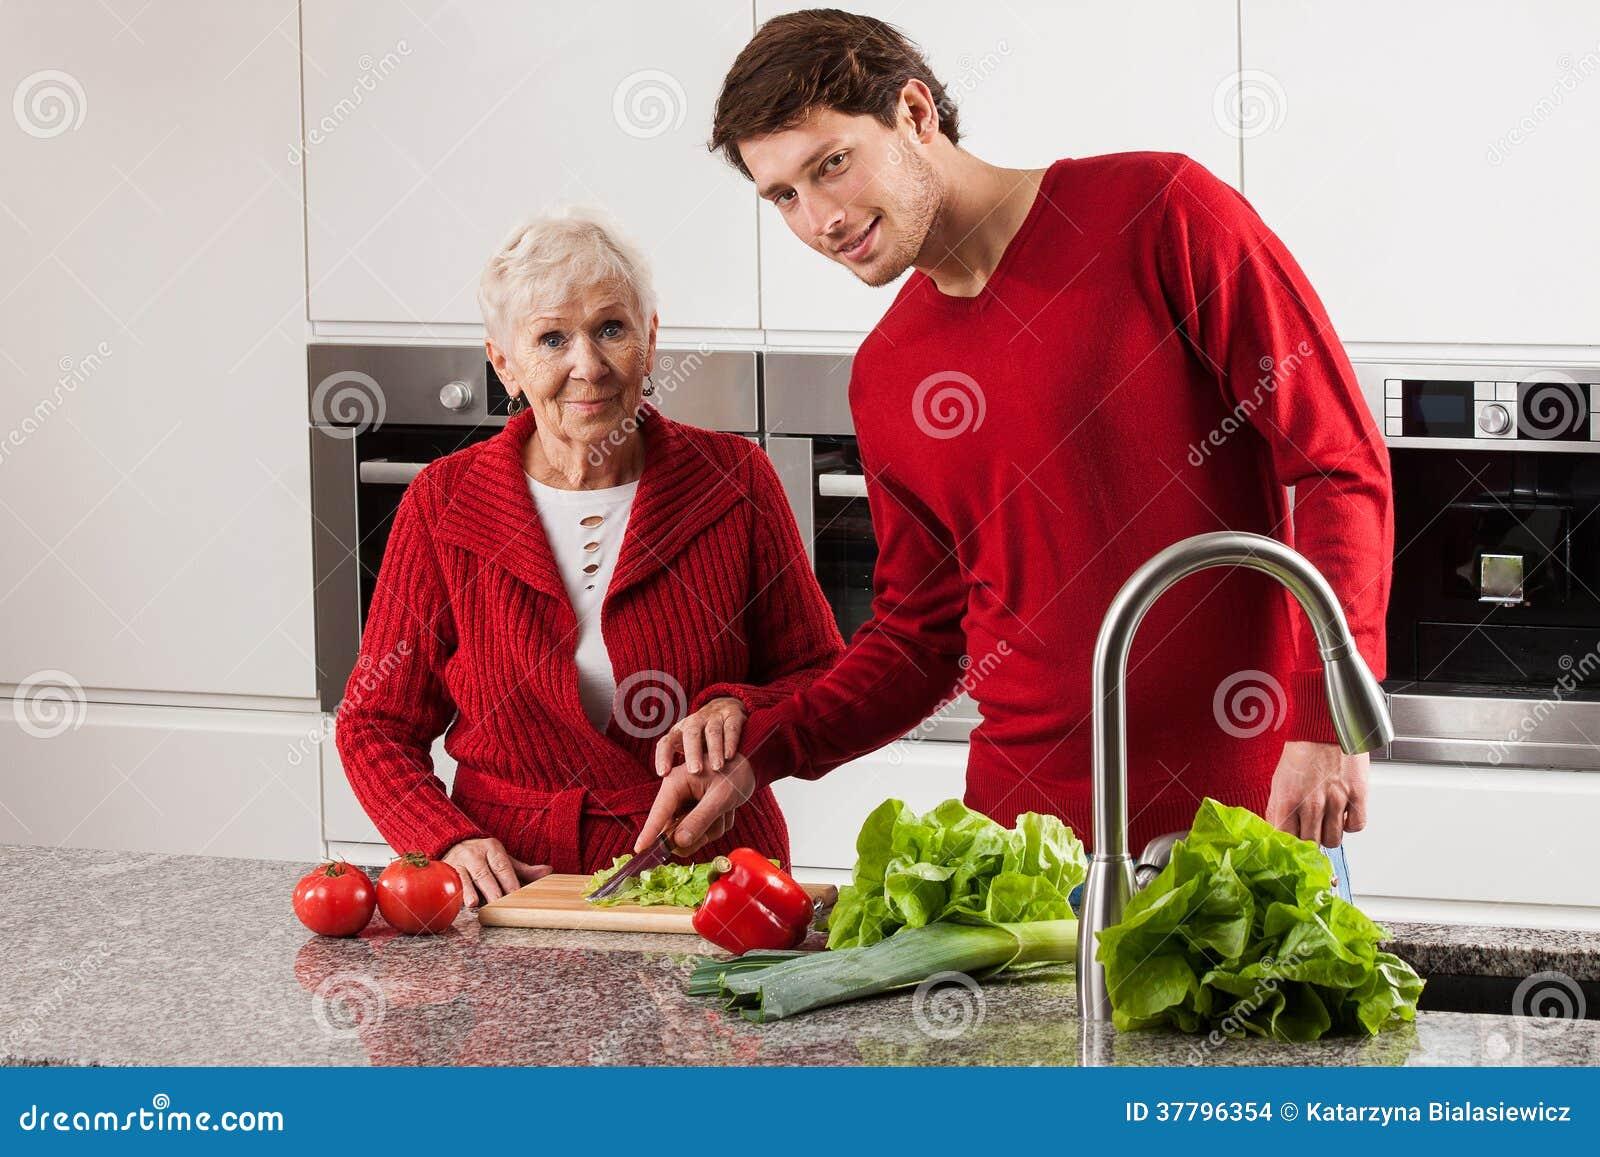 Бабушка с мальчиком на кухне порносекс фото 36-20